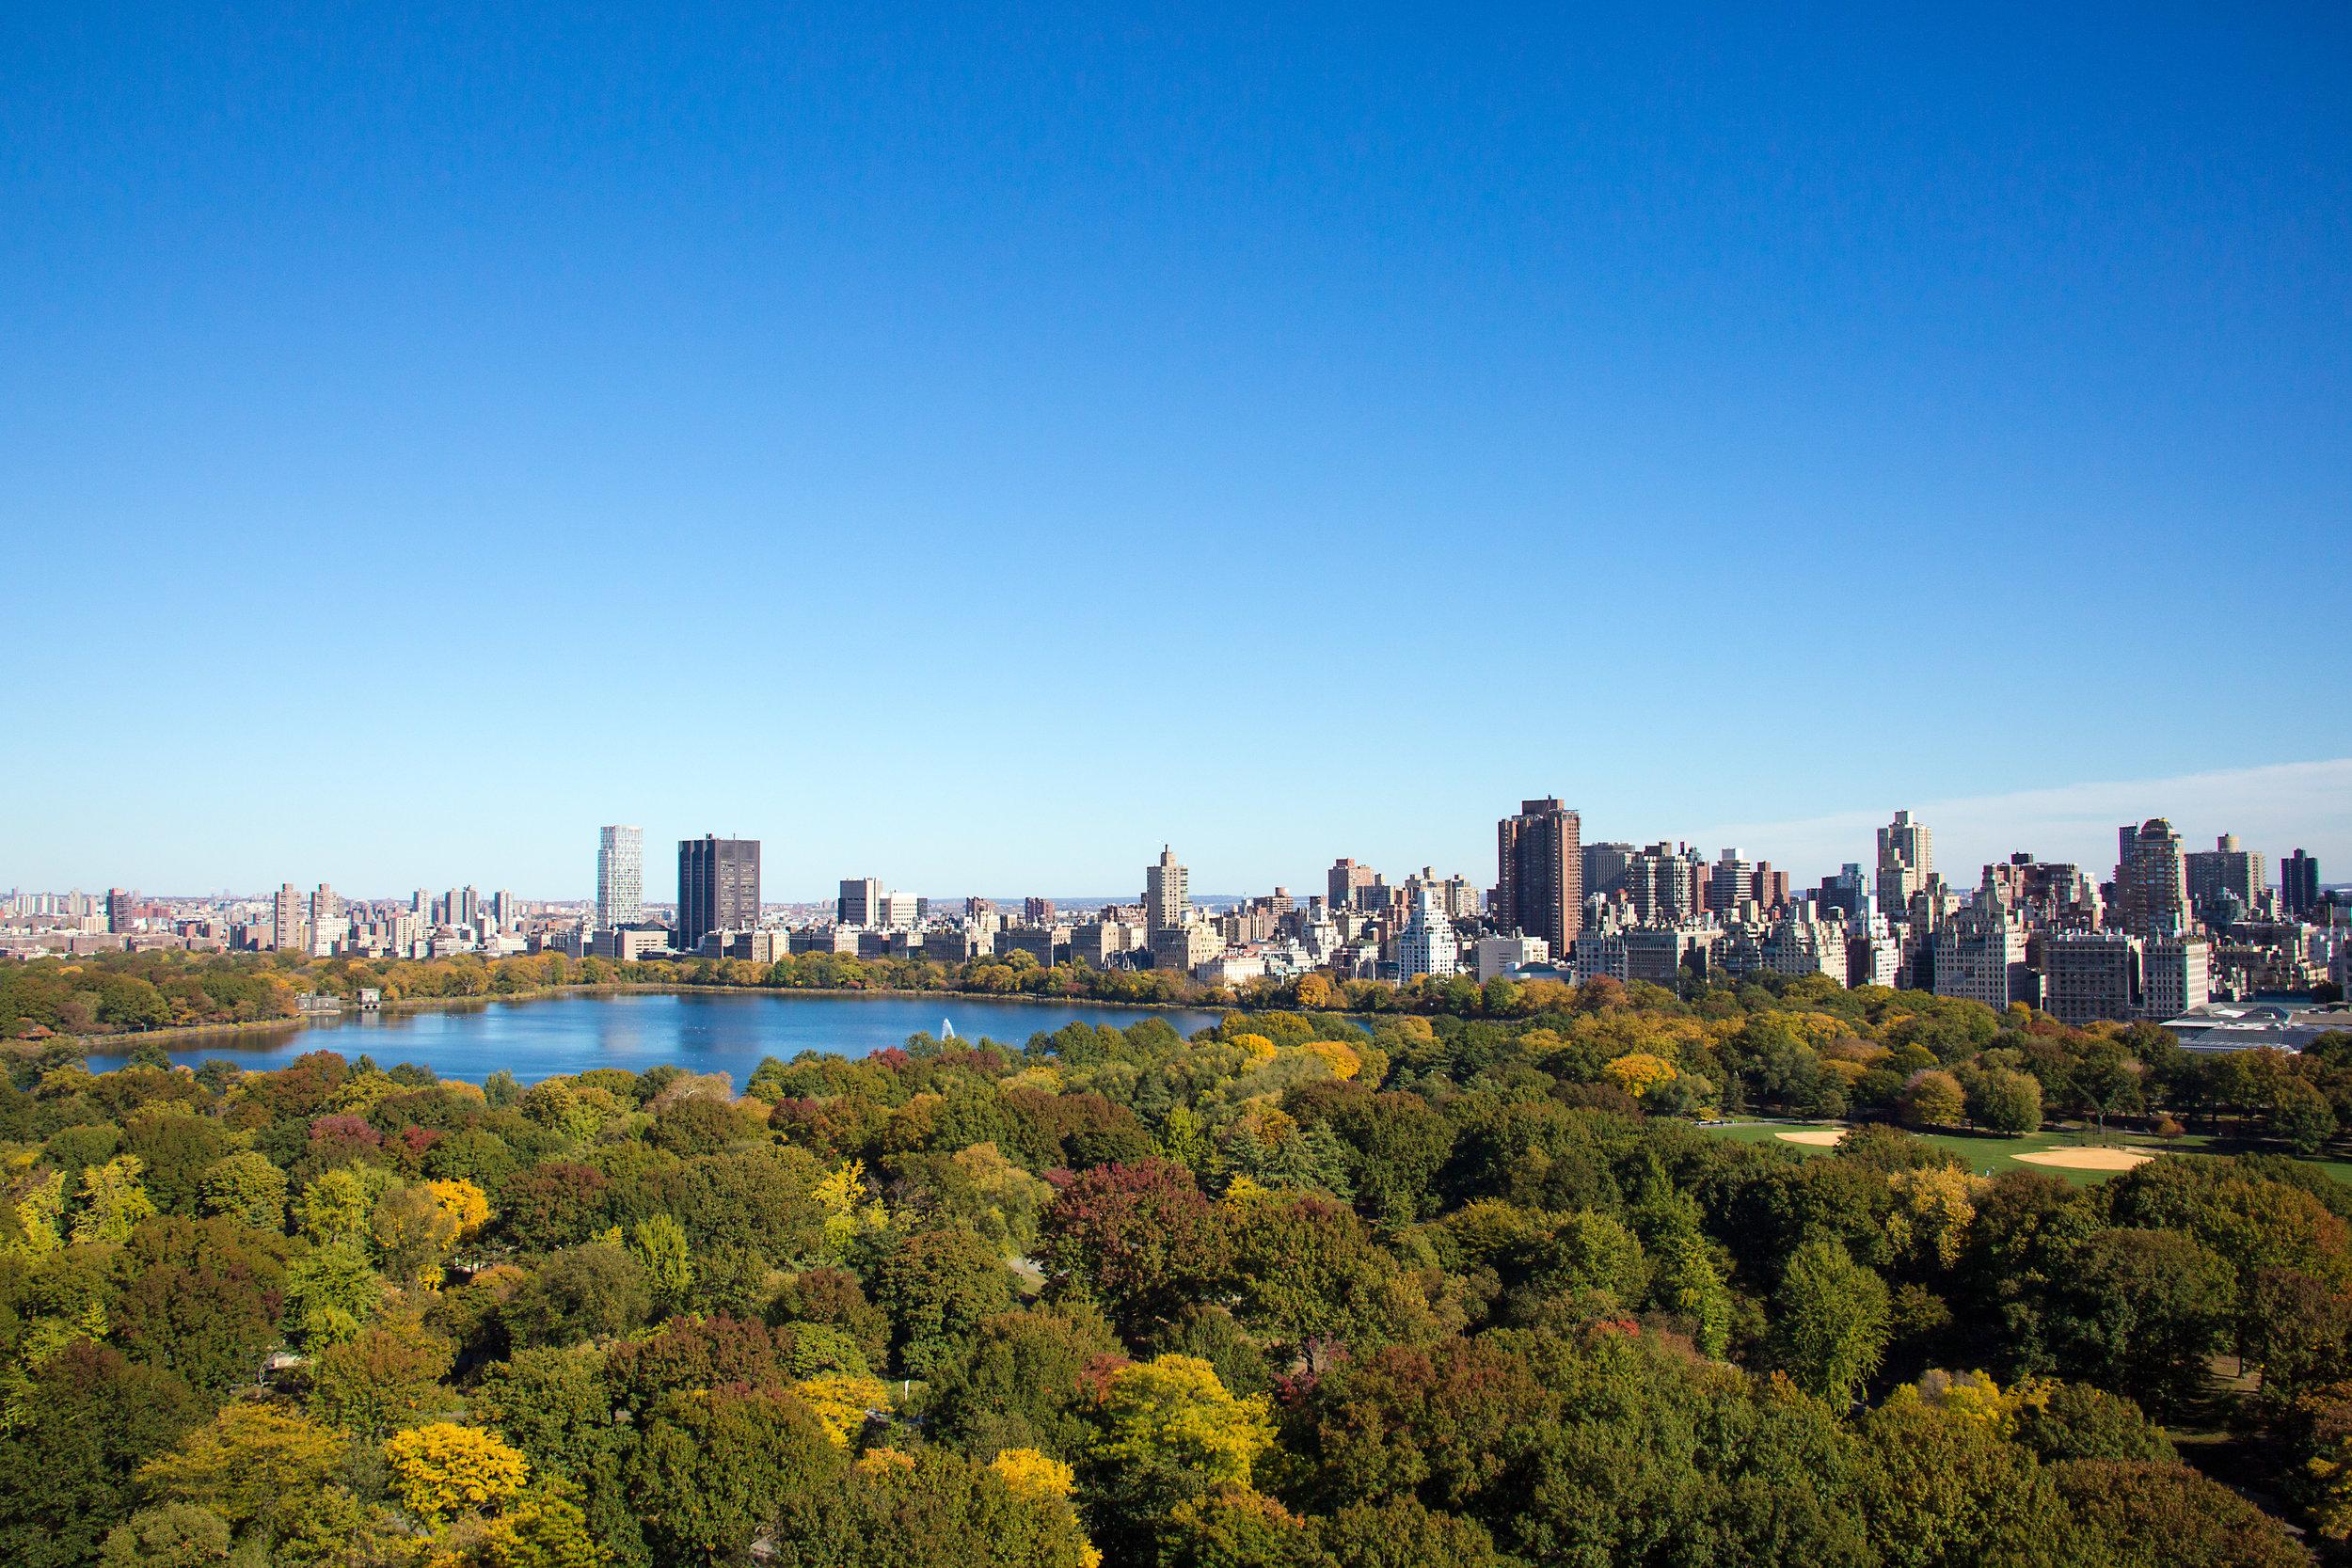 LSNY_Central_Park_Views-1.jpg